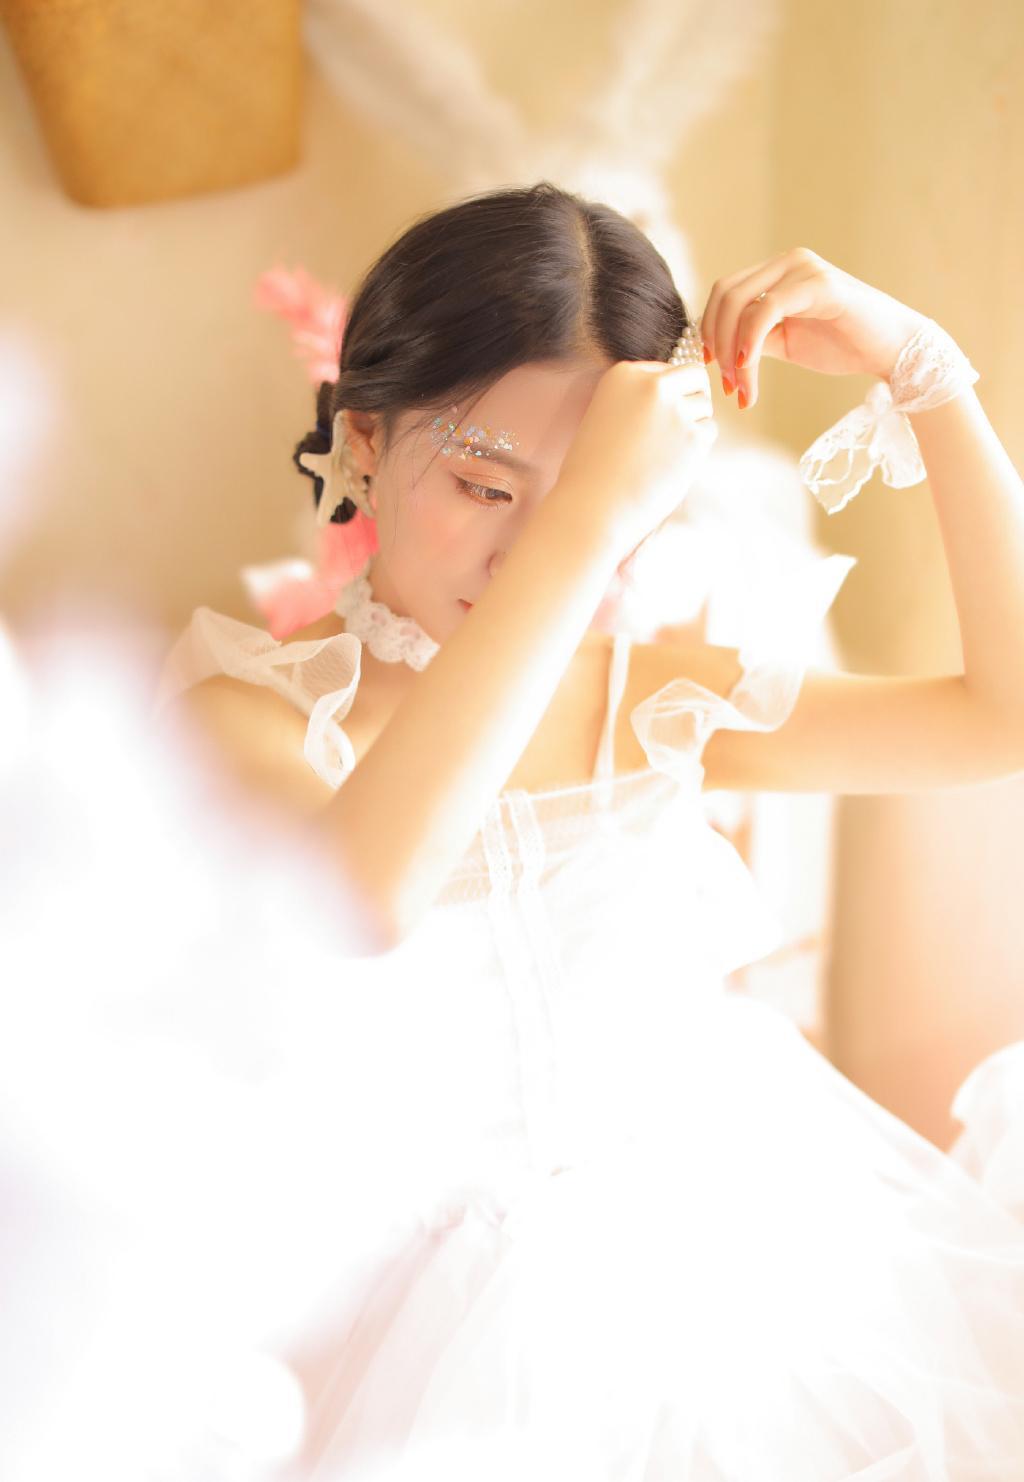 莎莎娱乐免费安装-莎莎娱乐免费APP下载 【ybvip4187.com】-华中华东-河南省-焦作